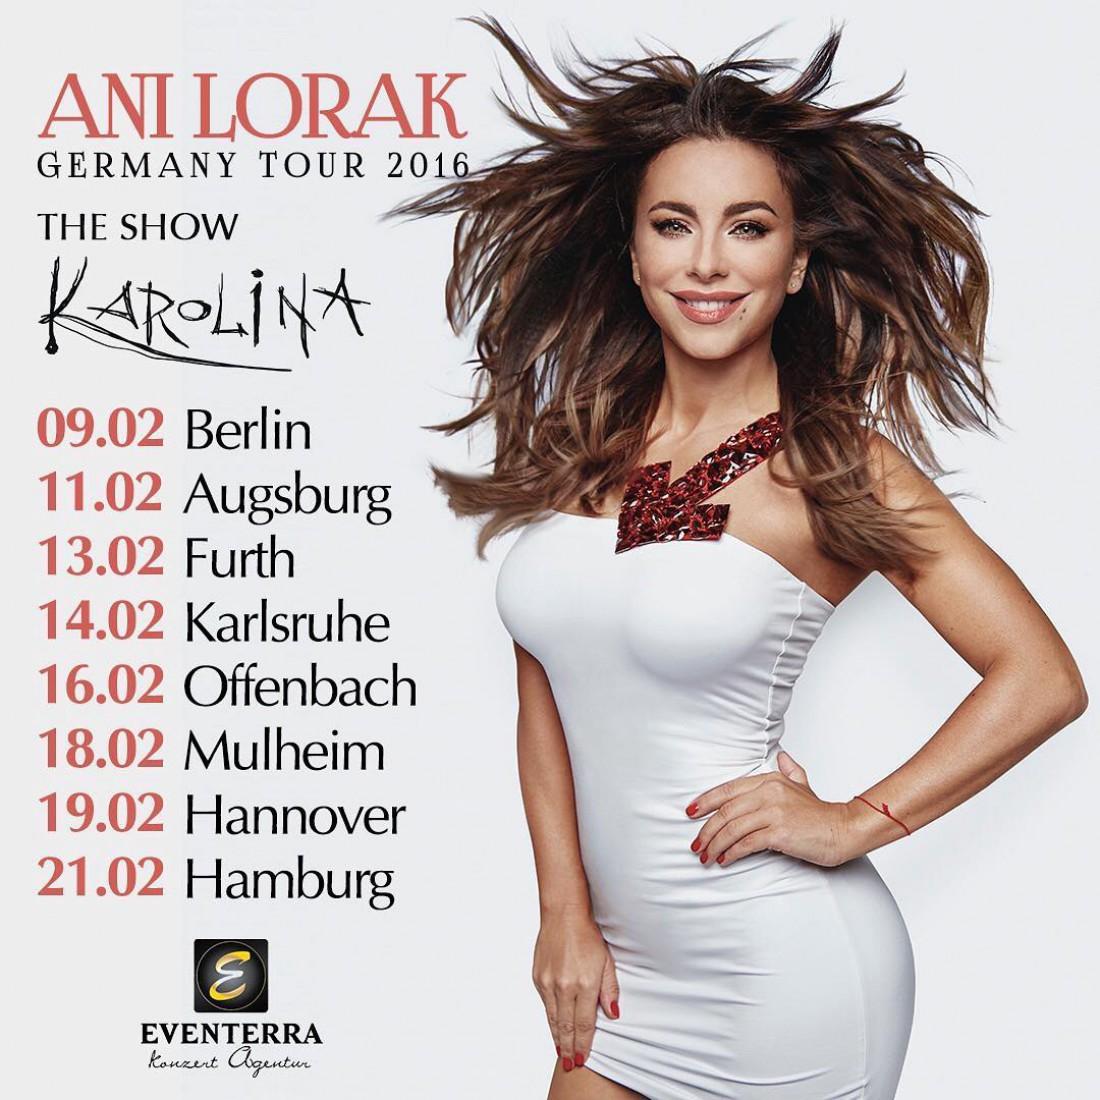 Дата концертов Ани Лорак в Германии